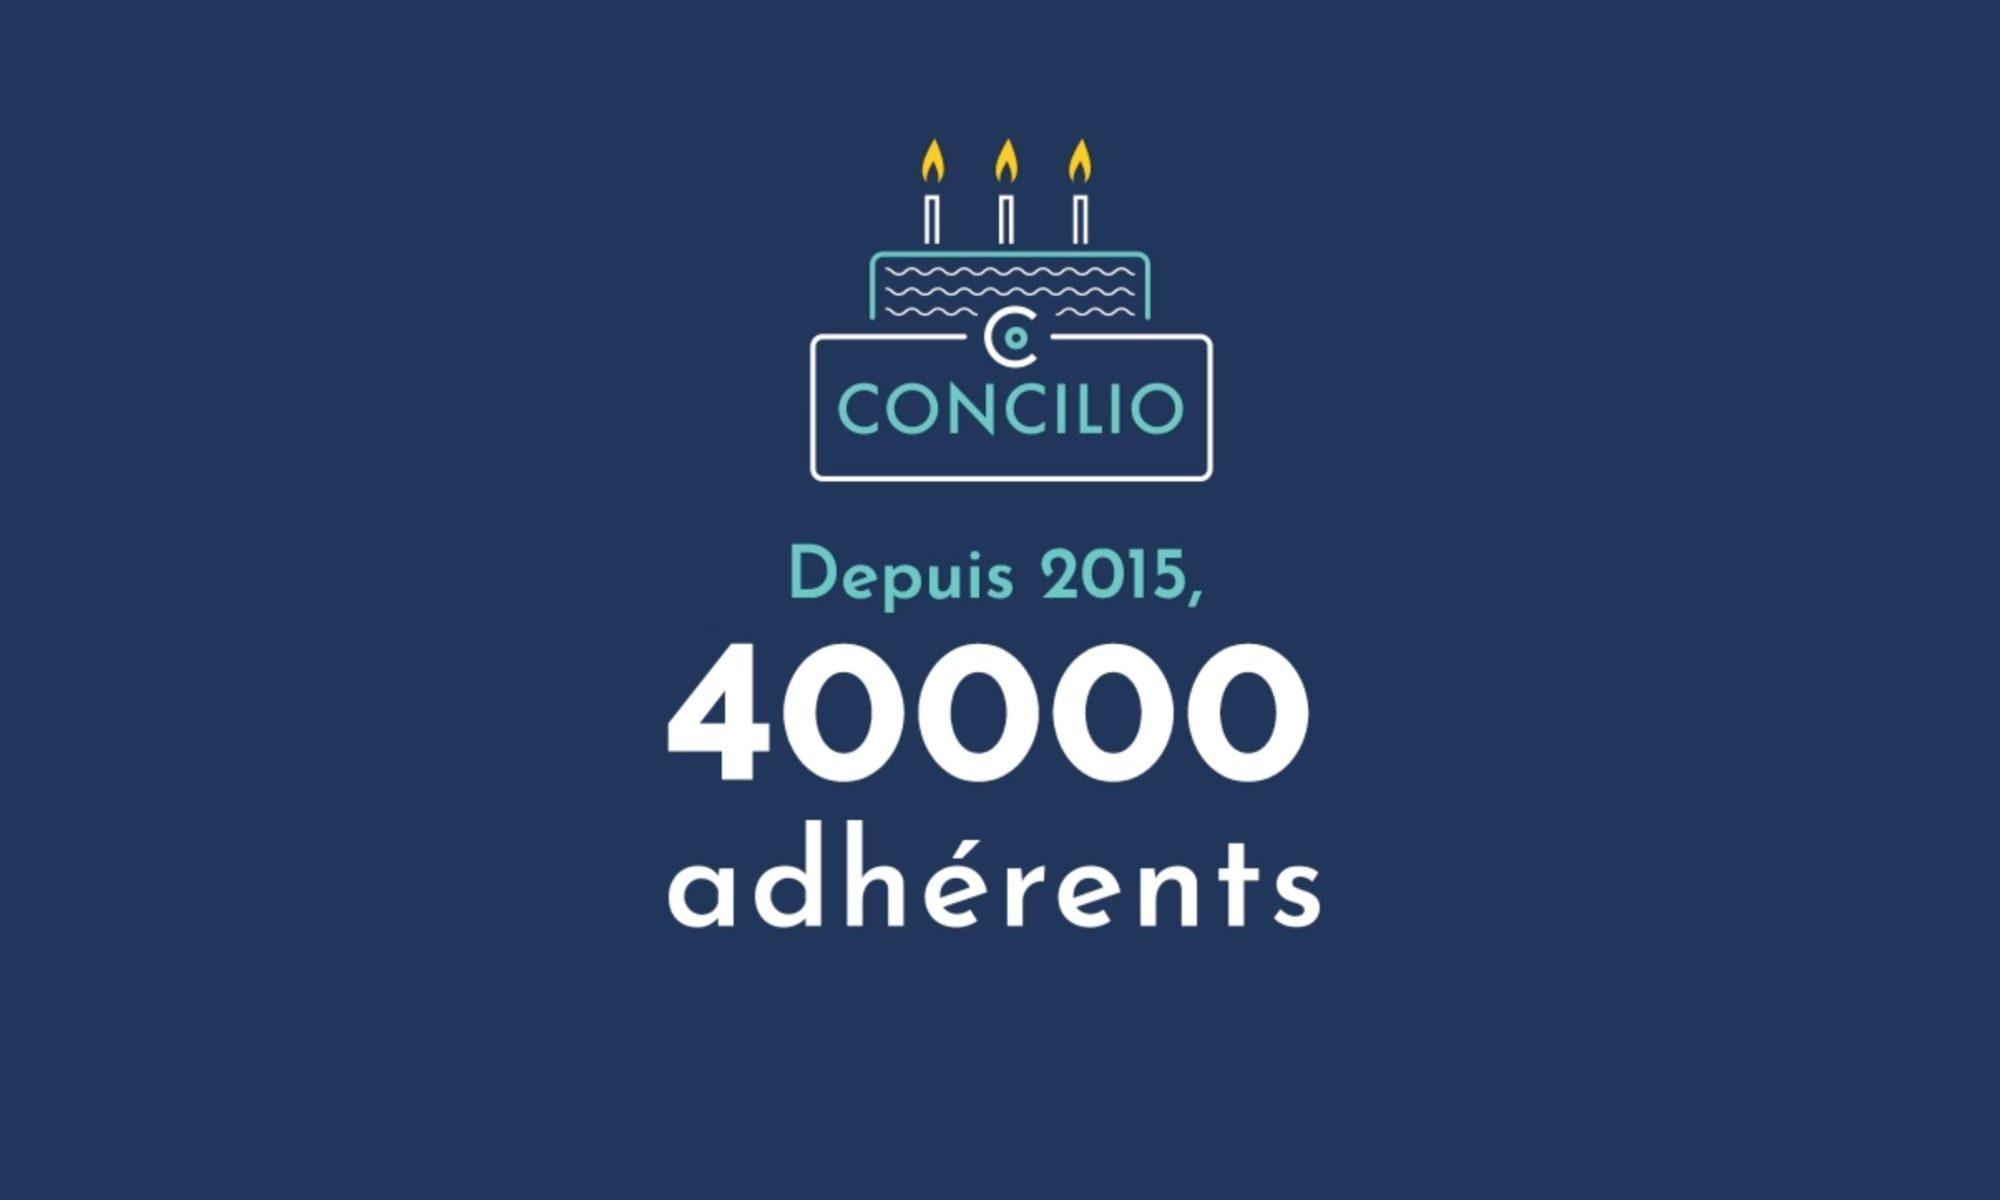 Concilio fête ses 3 ans !!